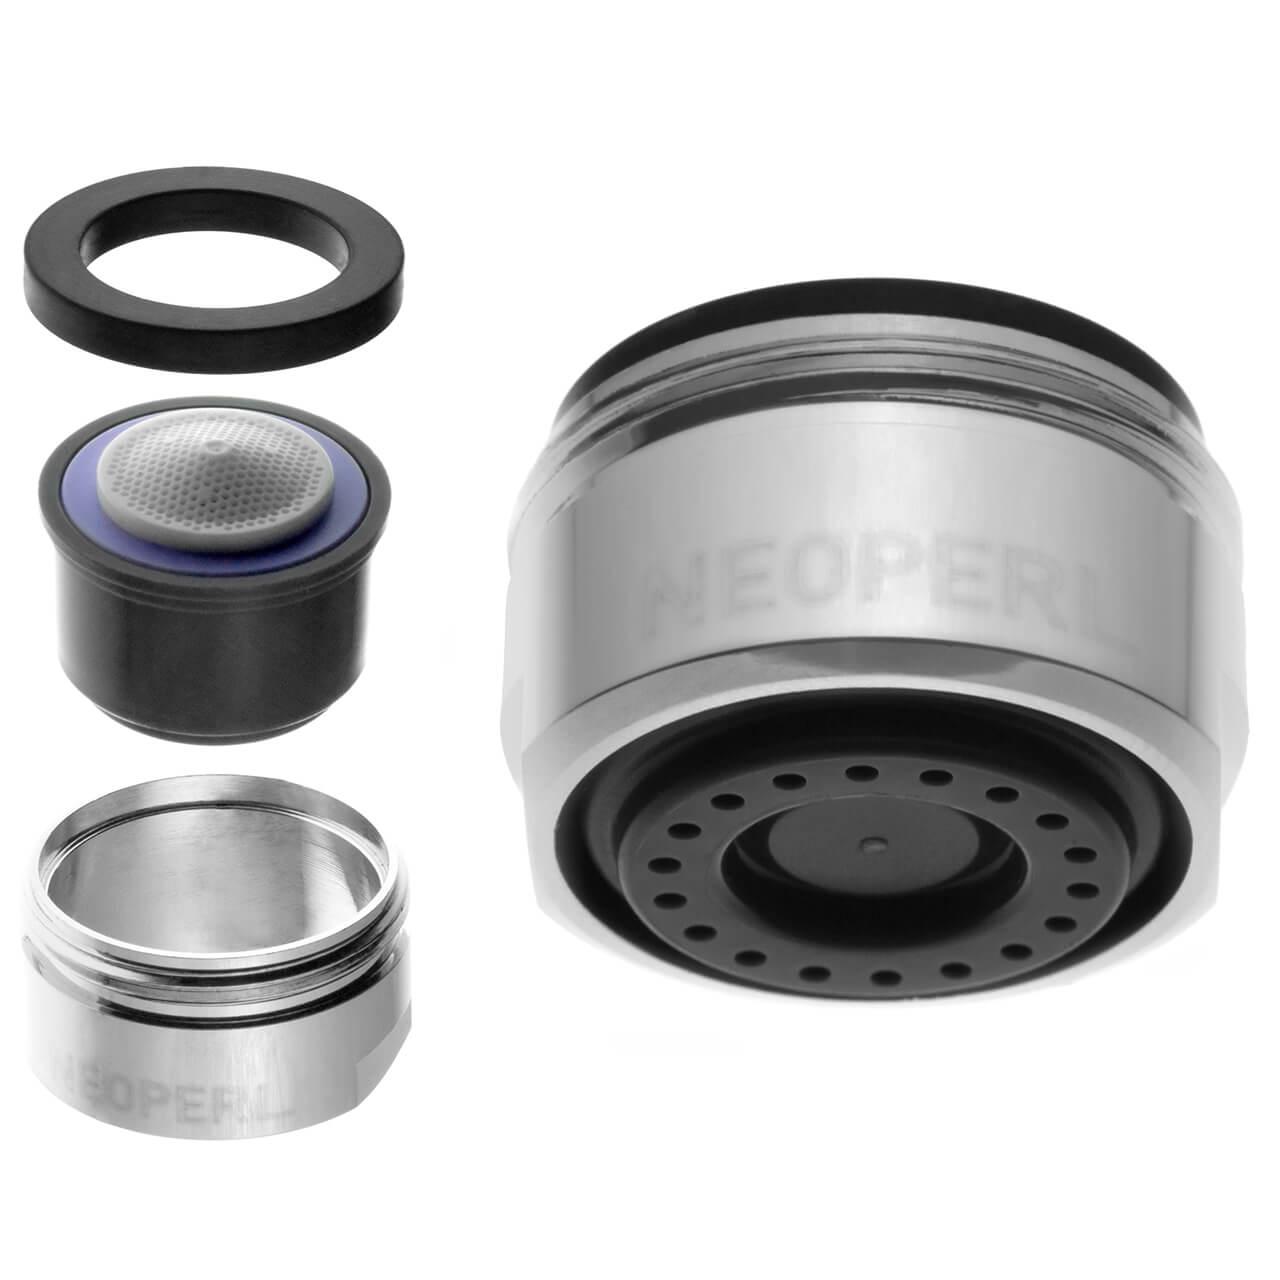 Aerator Neoperl perlator Spray 3 l/min